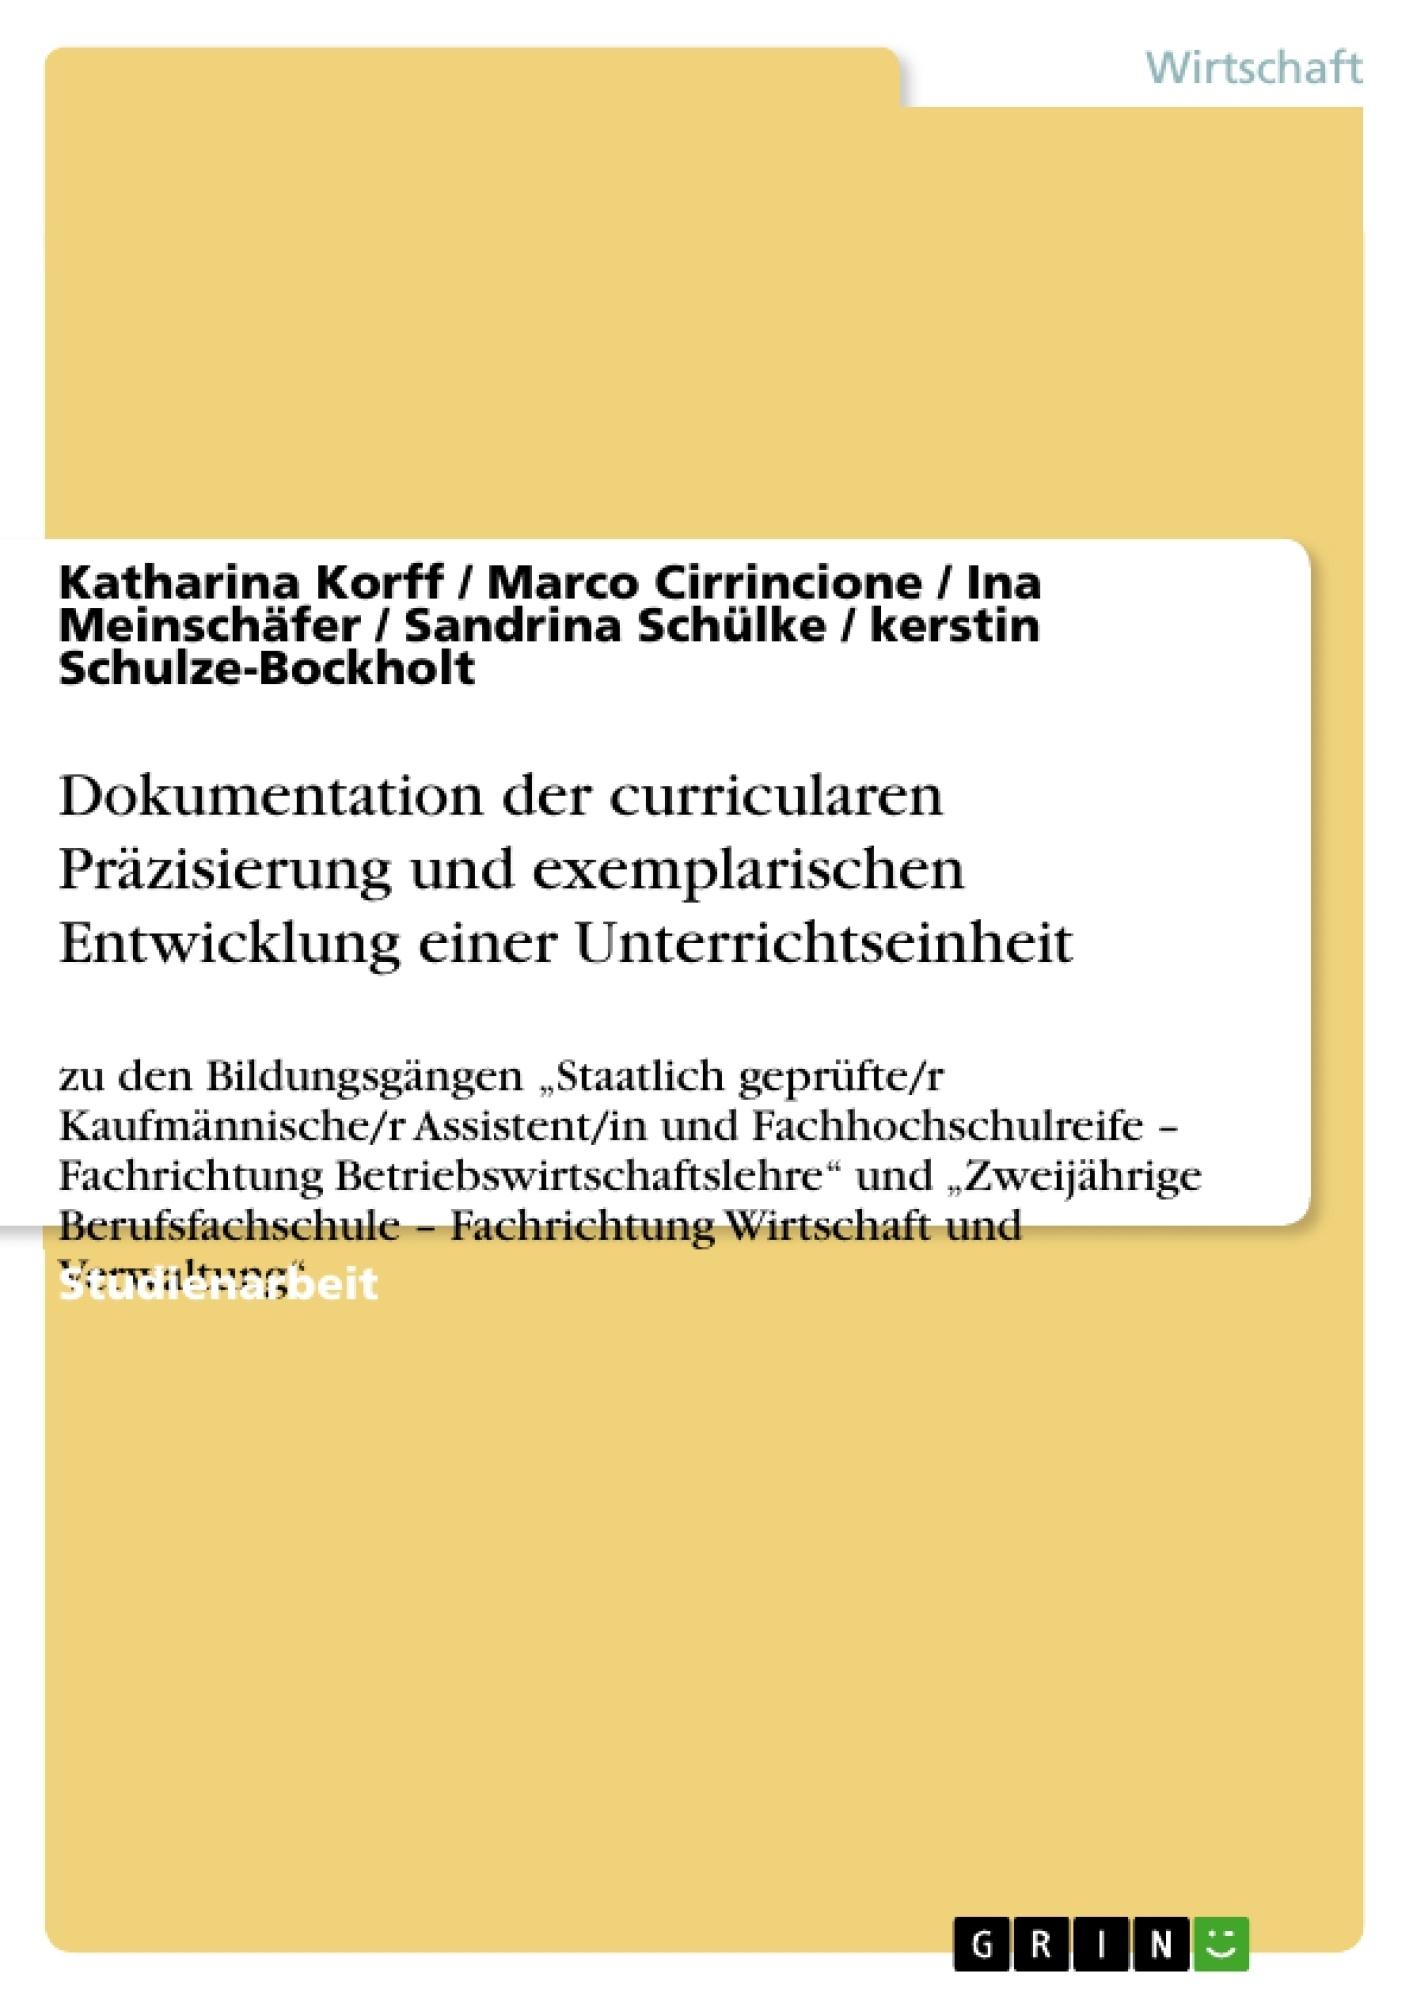 Titel: Dokumentation der curricularen Präzisierung und exemplarischen Entwicklung einer Unterrichtseinheit